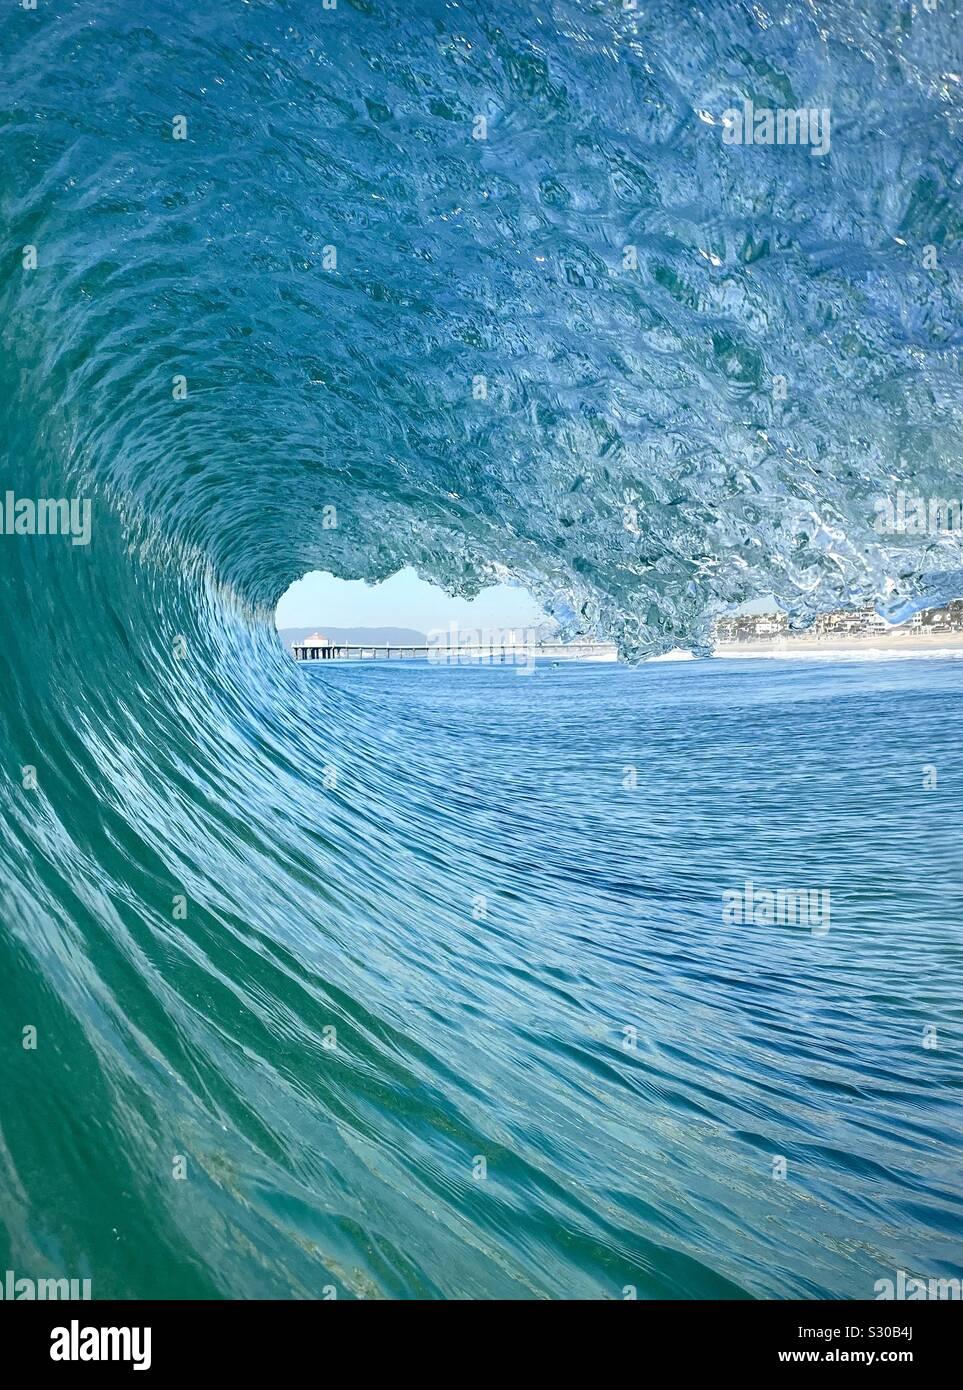 En el interior, en busca de una ola barreling con Manhattan Beach Pier en el fondo. Manhattan Beach, California, EE.UU. Foto de stock